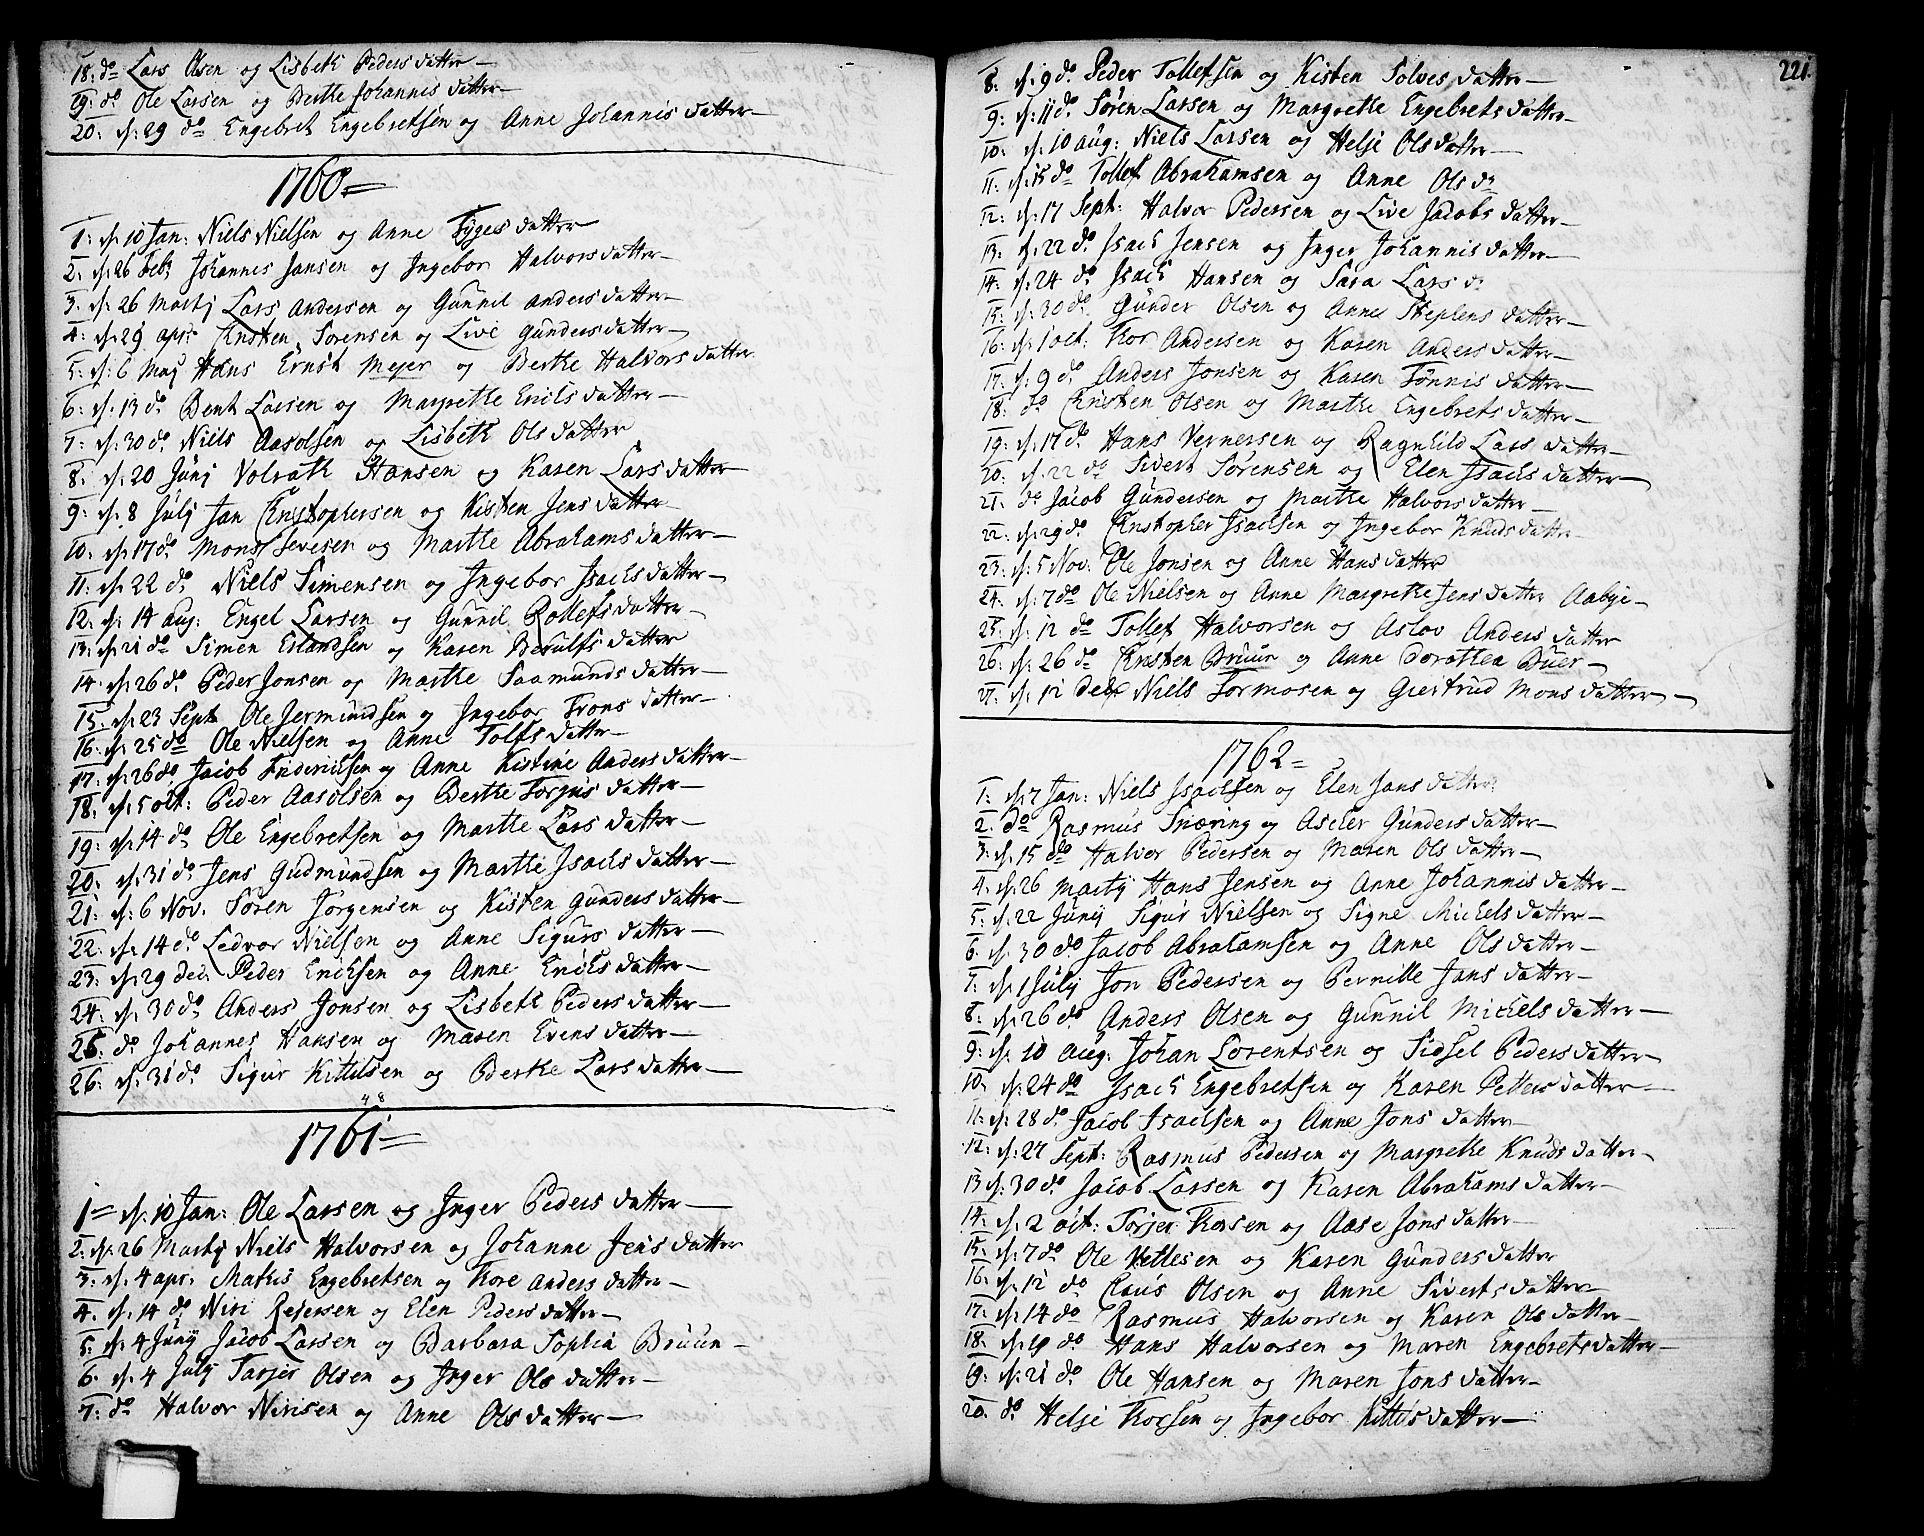 SAKO, Gjerpen kirkebøker, F/Fa/L0002: Ministerialbok nr. 2, 1747-1795, s. 221